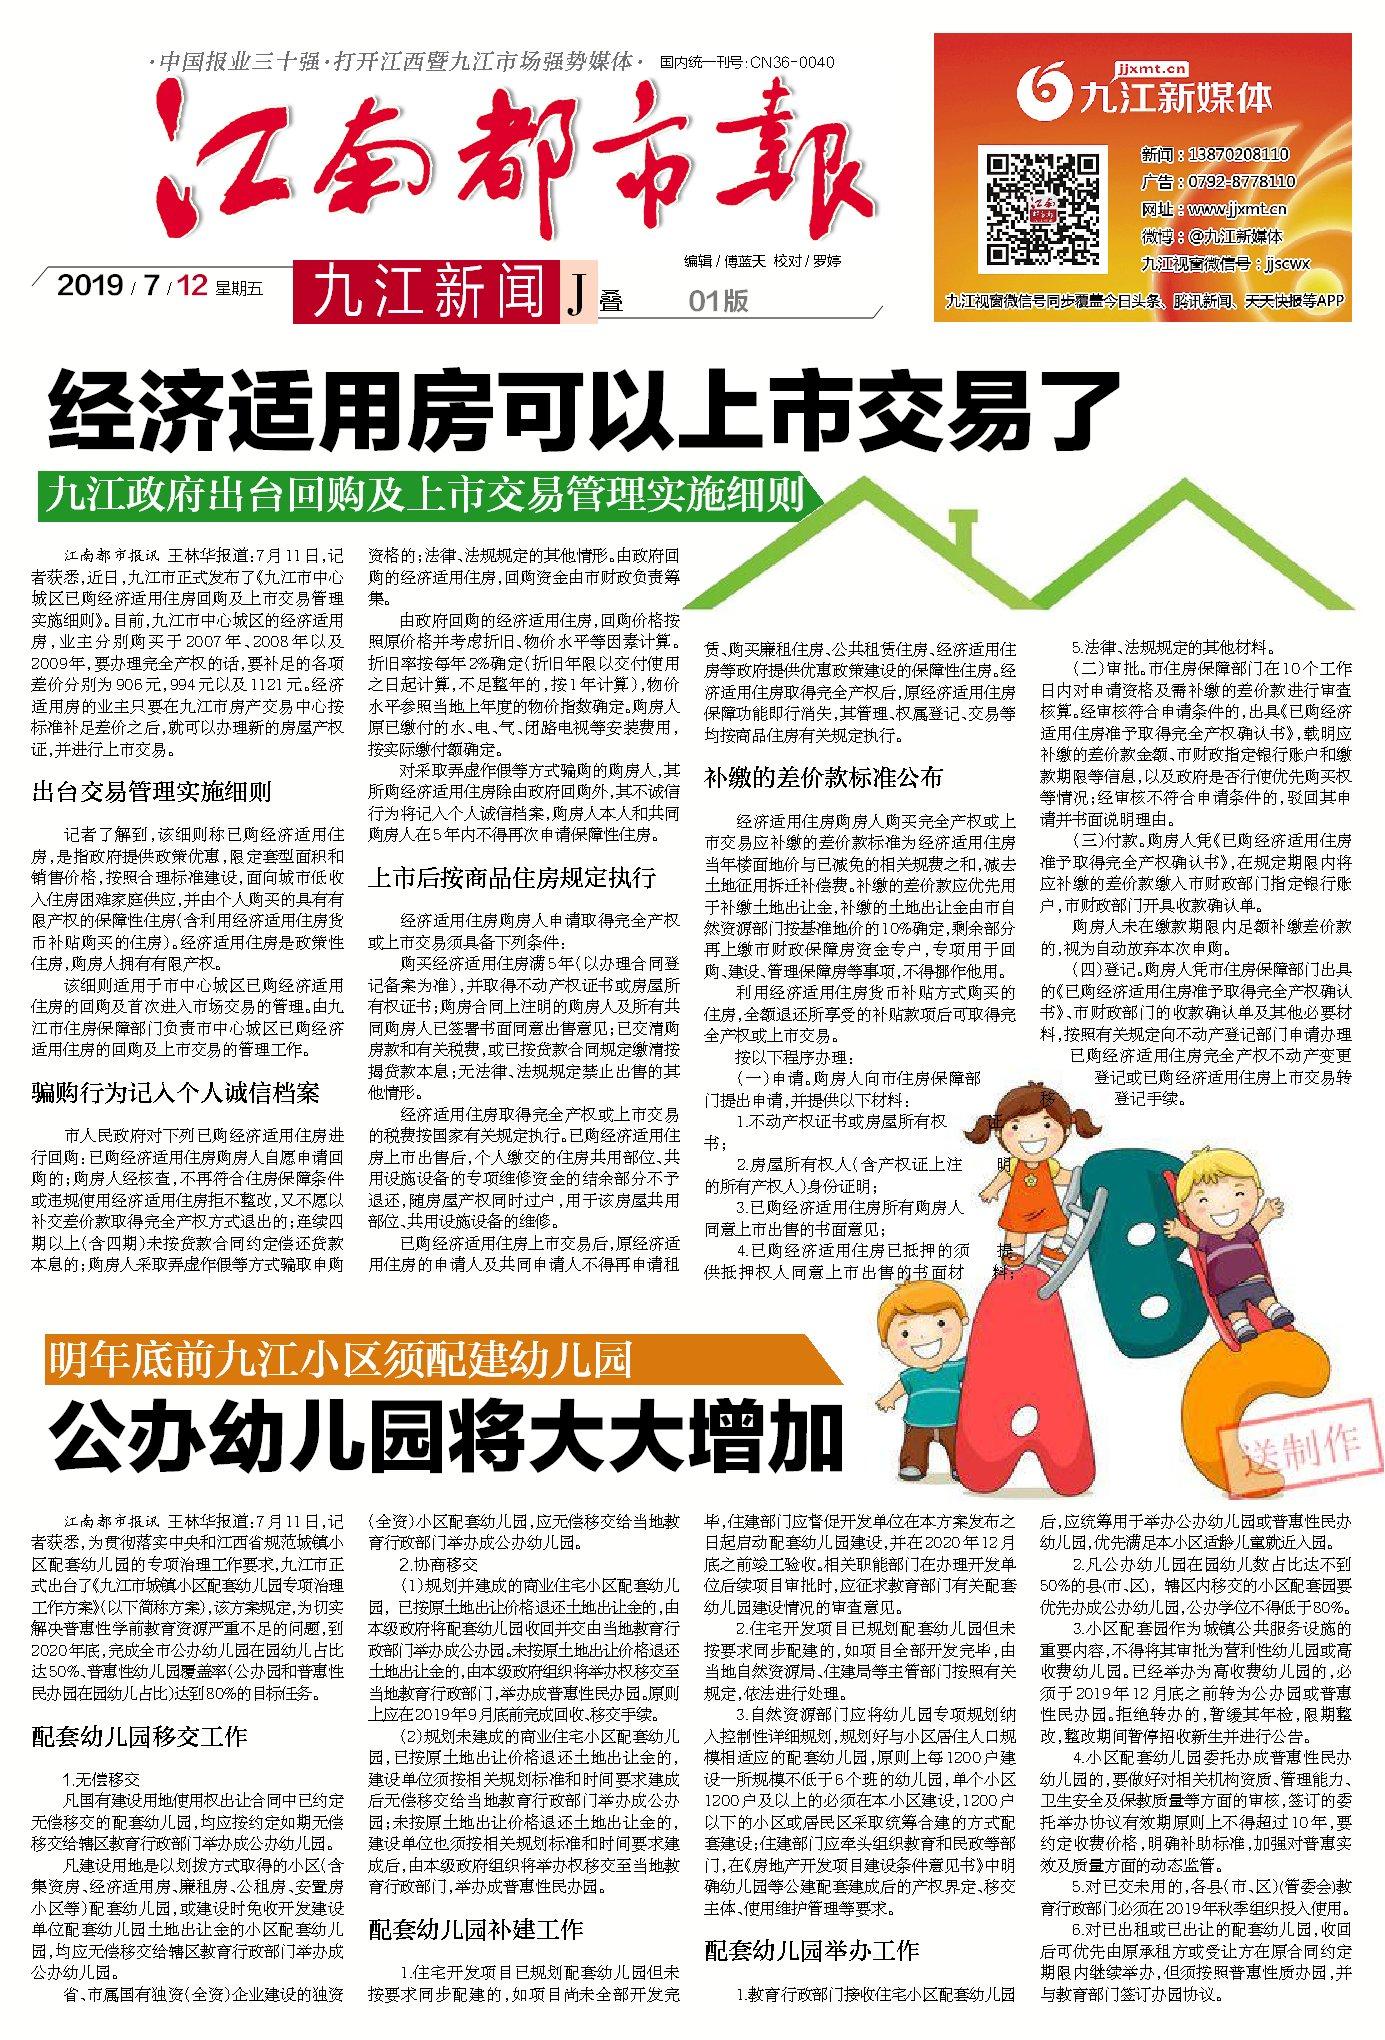 2019年7月12日江南都市报《亚博体育app苹果新闻》头版